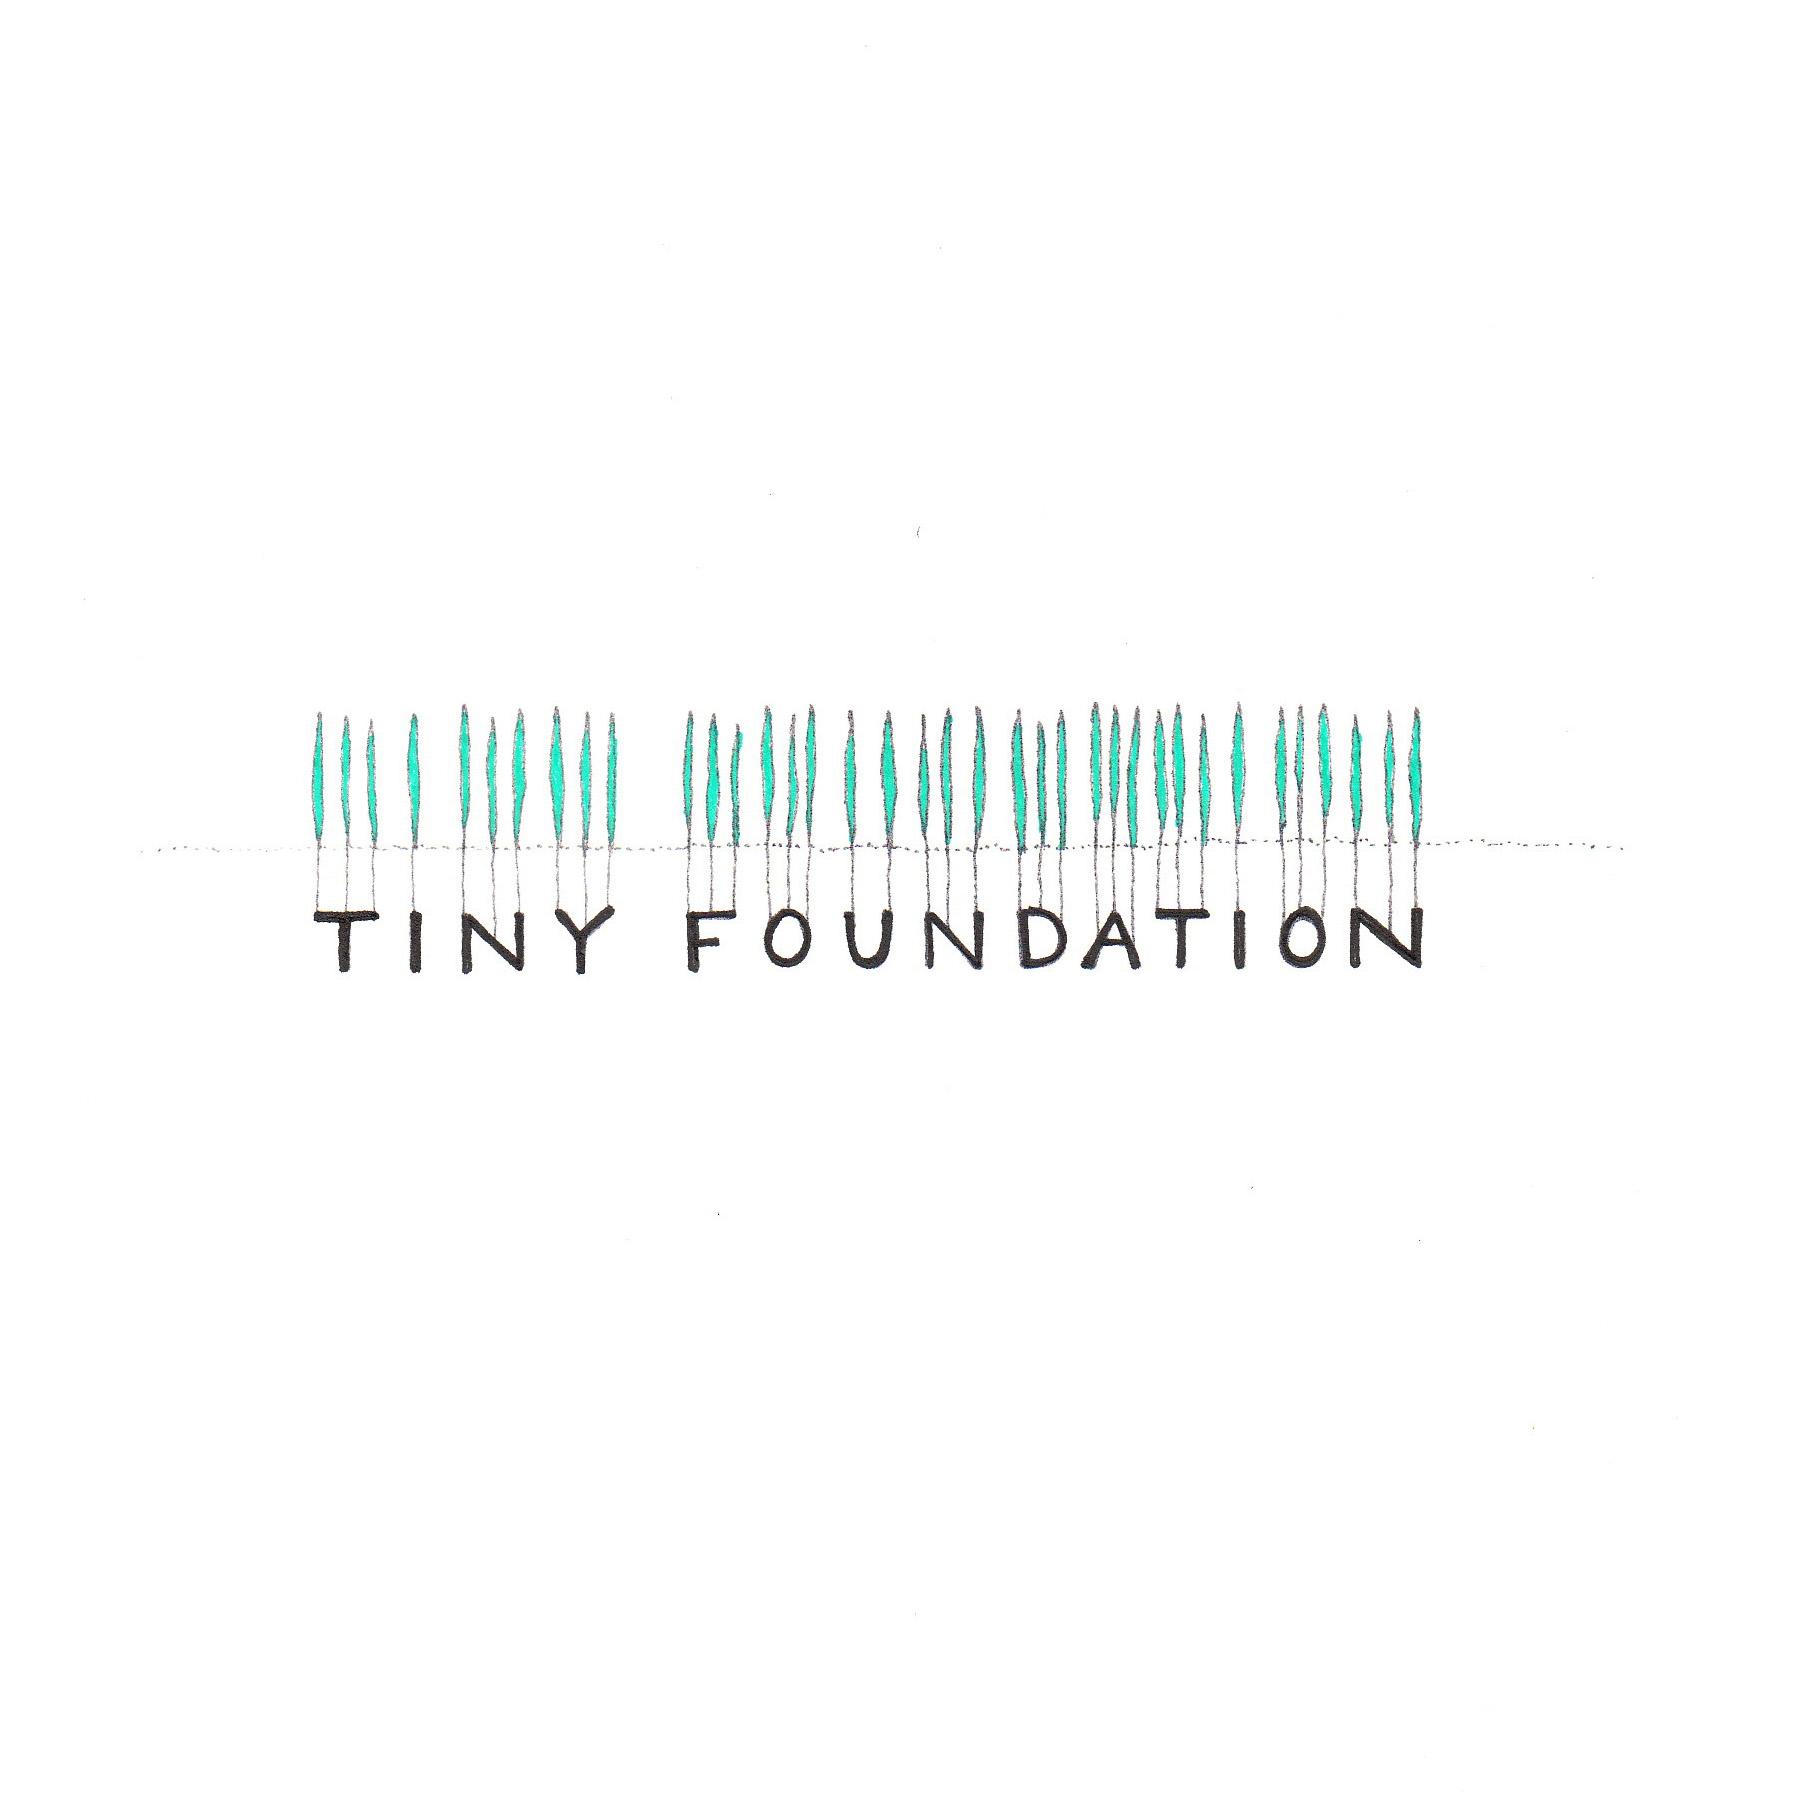 Tiny Foundation logo